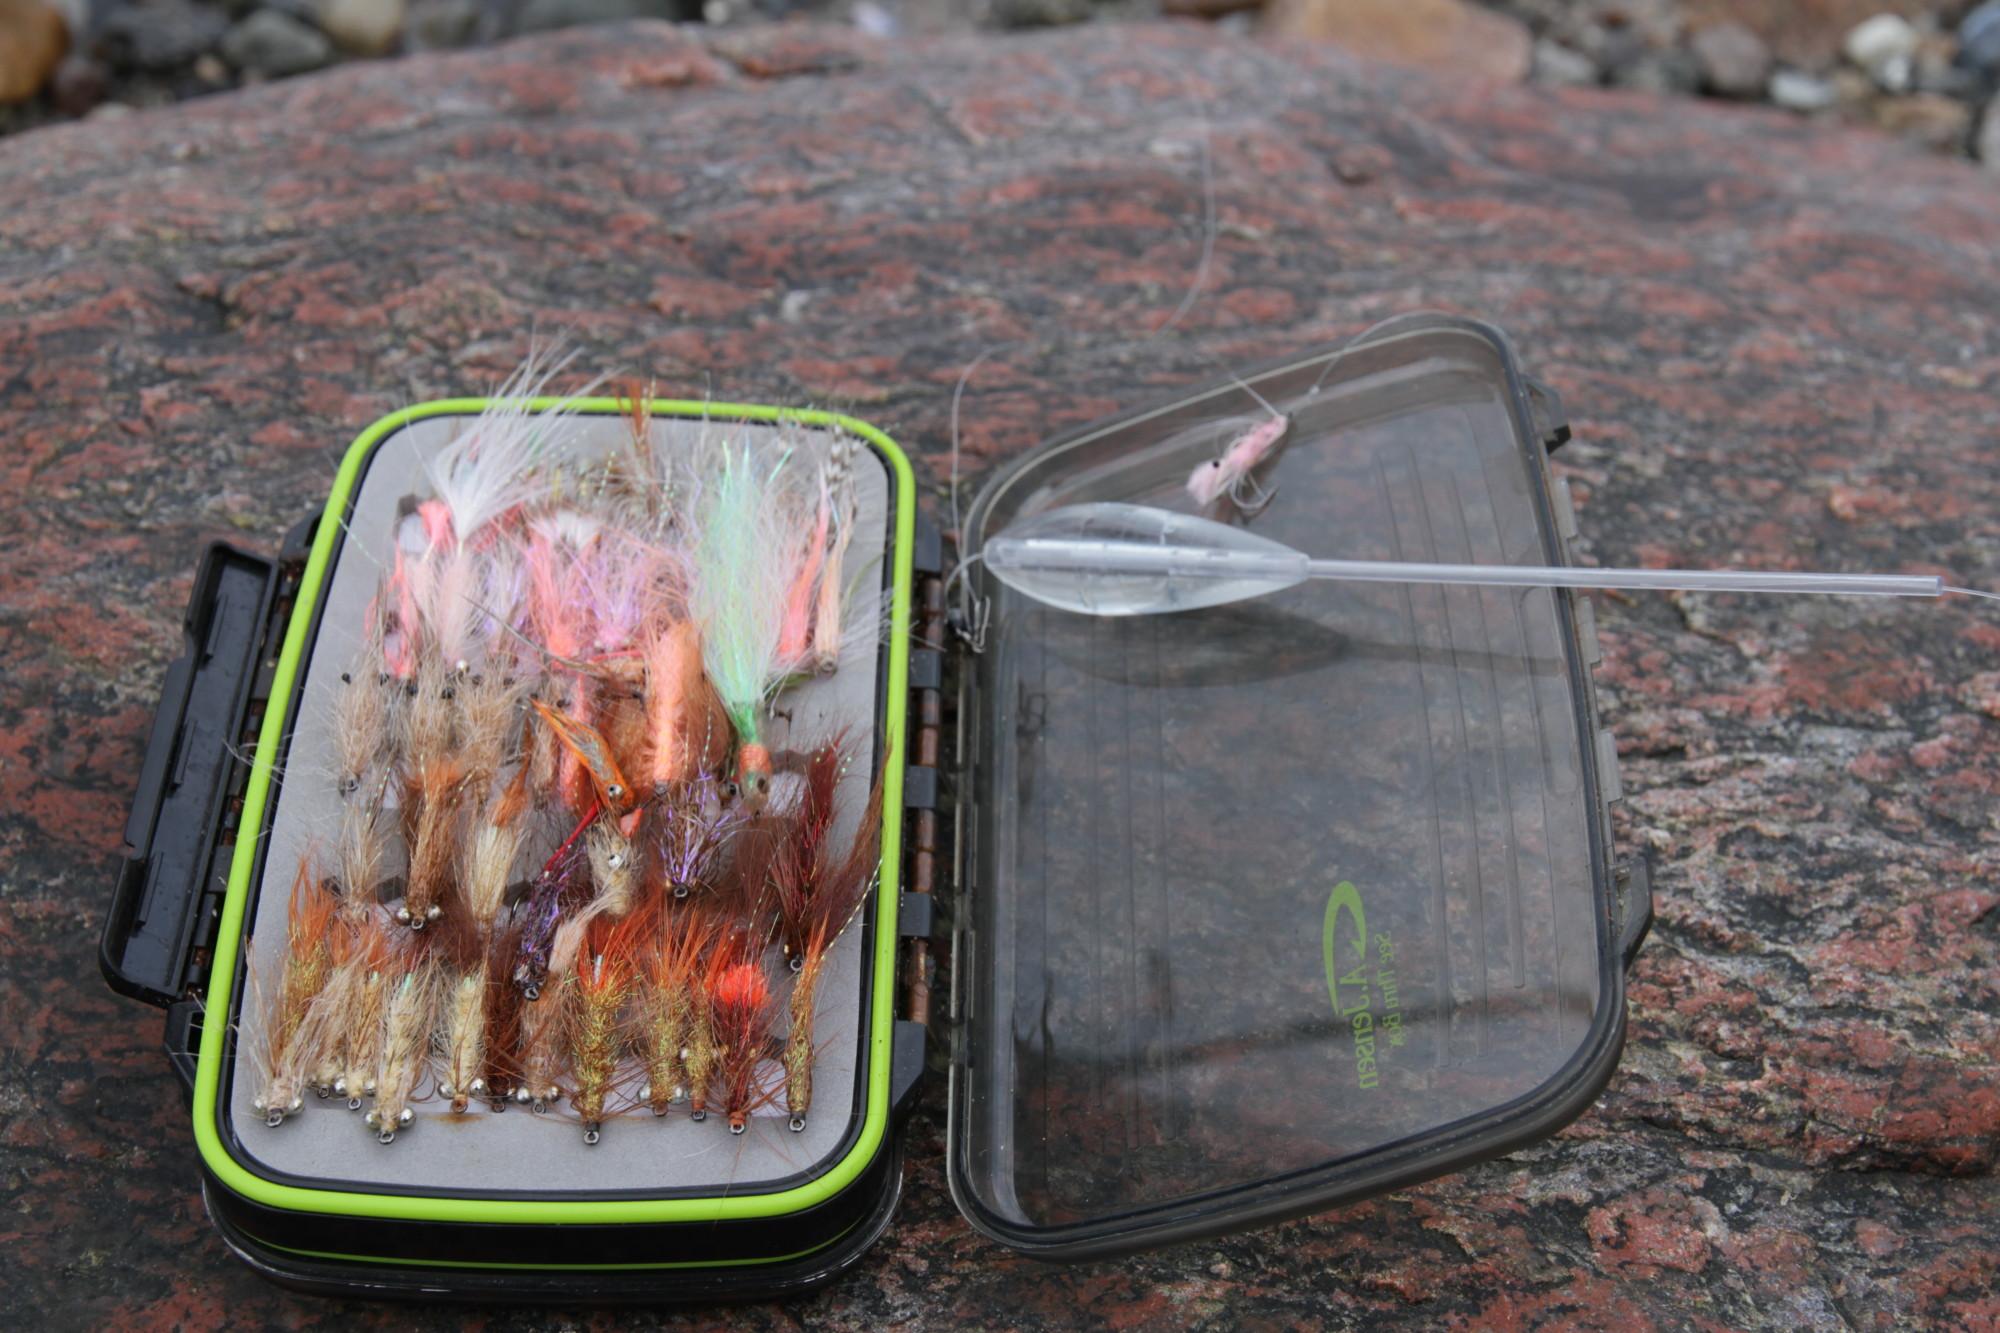 An manchen Tagen ist die Fliege dem Blinker überlegen, wohl dem, der dann eine so gut gefüllte Fliegendose beim Meerforellenangeln hat. Damit können auch große Meerforellen geangelt werden. Foto: J.Radtke